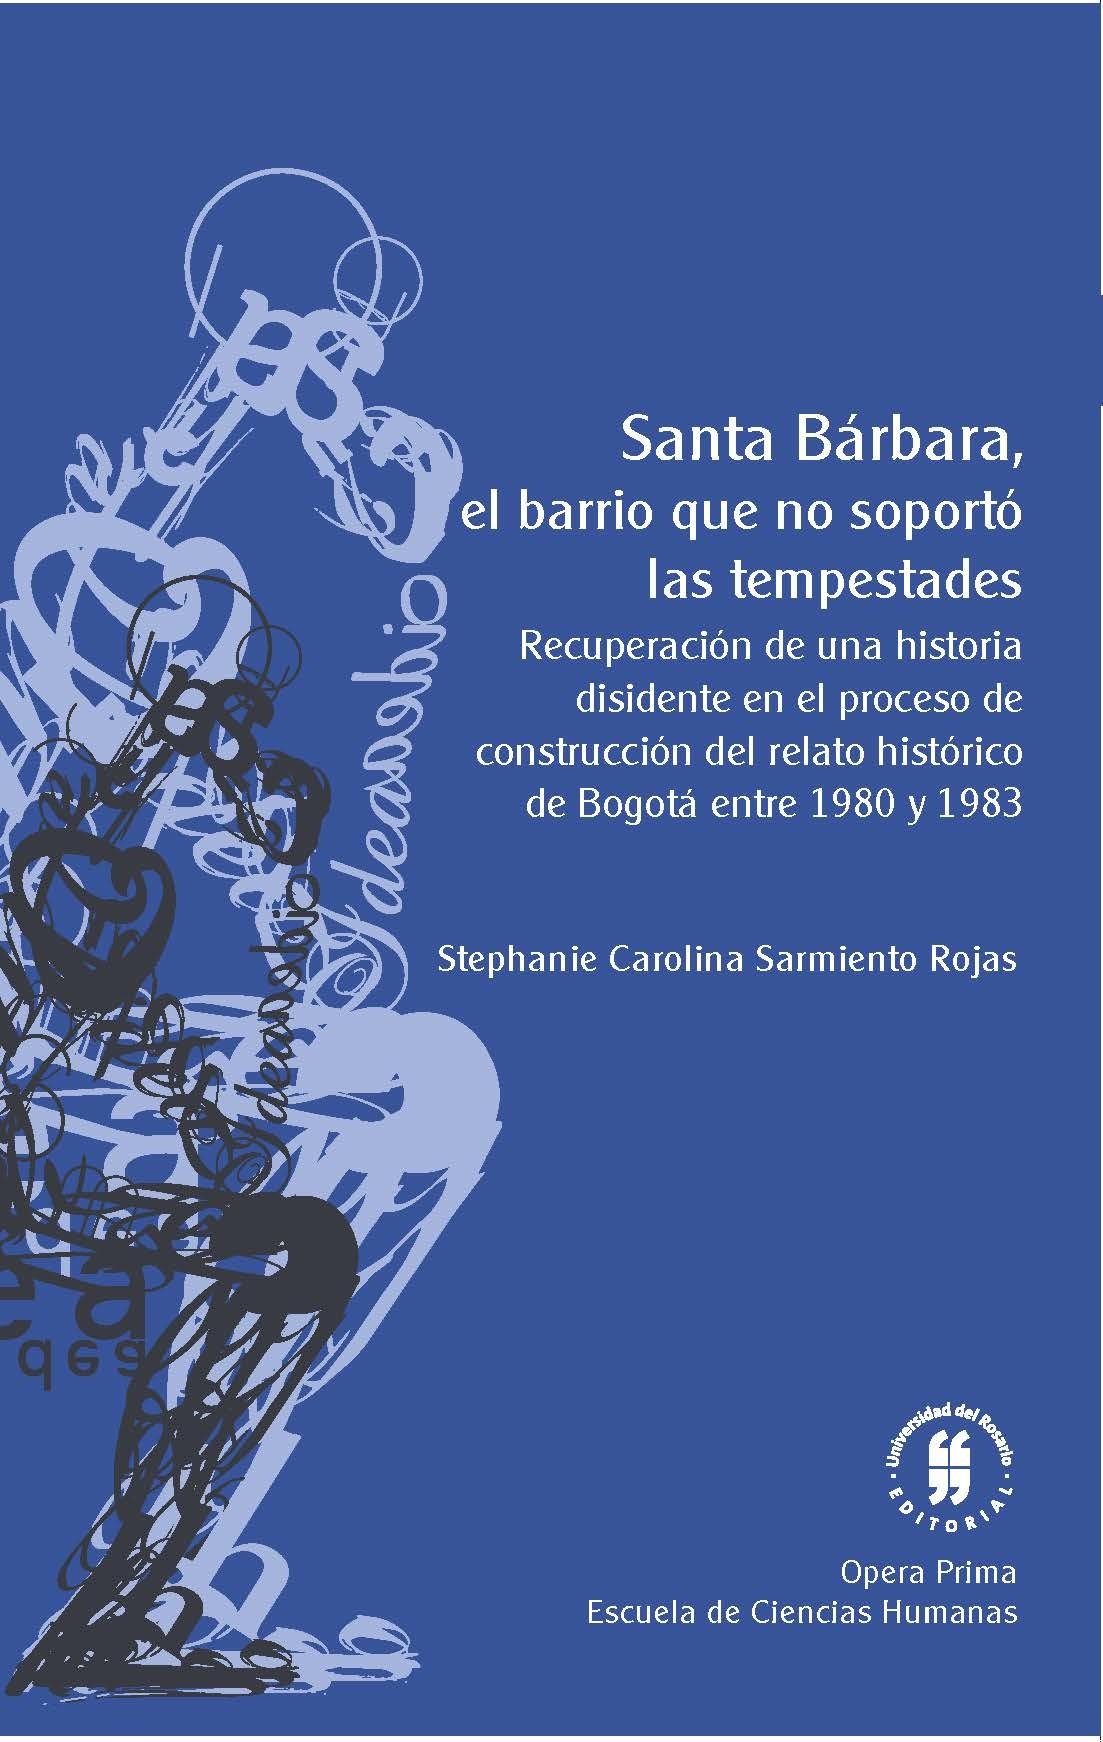 Santa Bárbara, el barrio que no soportó las tempestades. Recuperación de una historia disidente en el proceso de construcción del relato histórico de Bogotá entre (1980 y 1983)